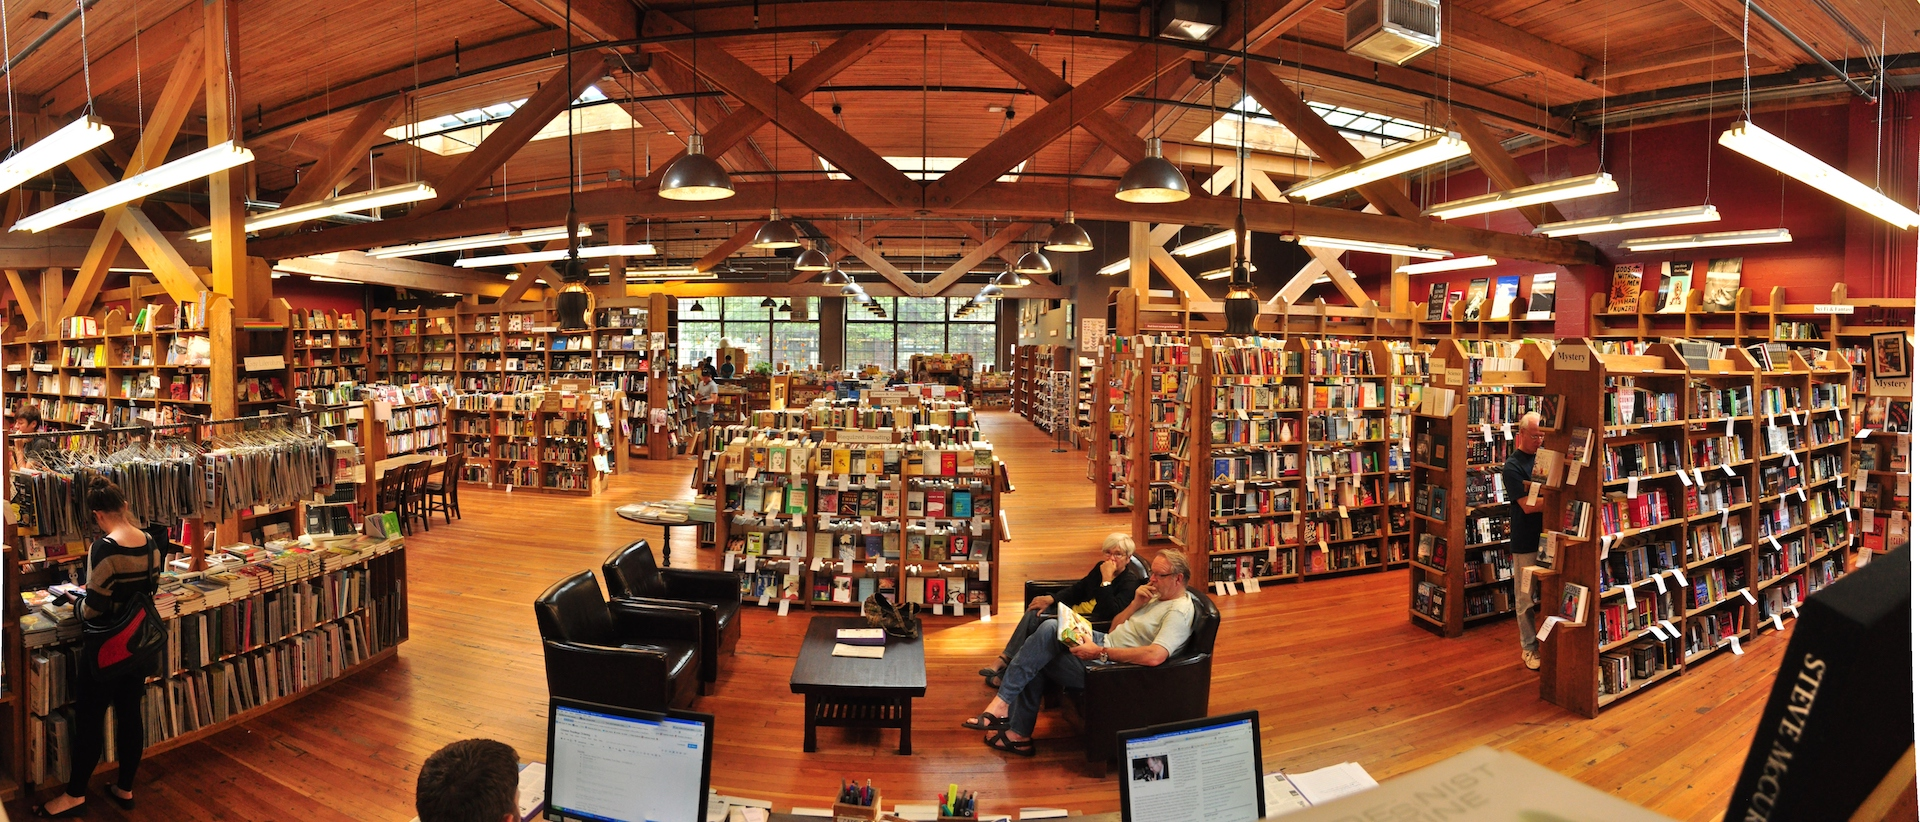 Elliot bay bookstore in Seattle